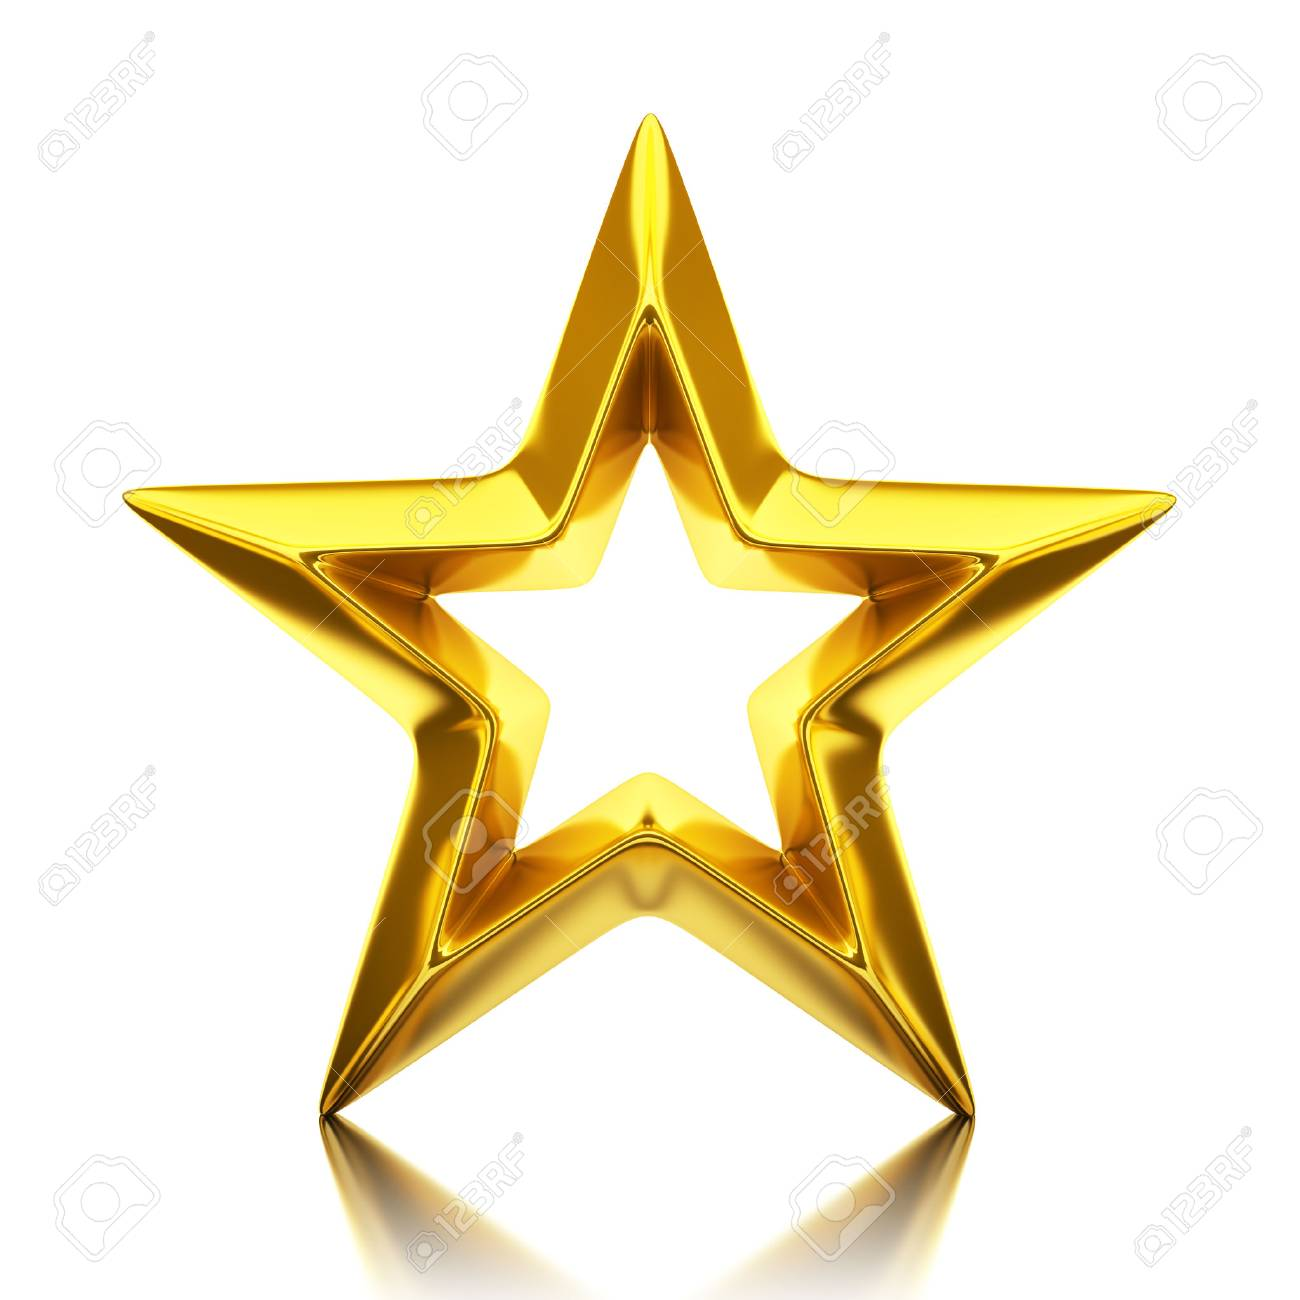 Shiny golden star - 3d rendering - 64899575